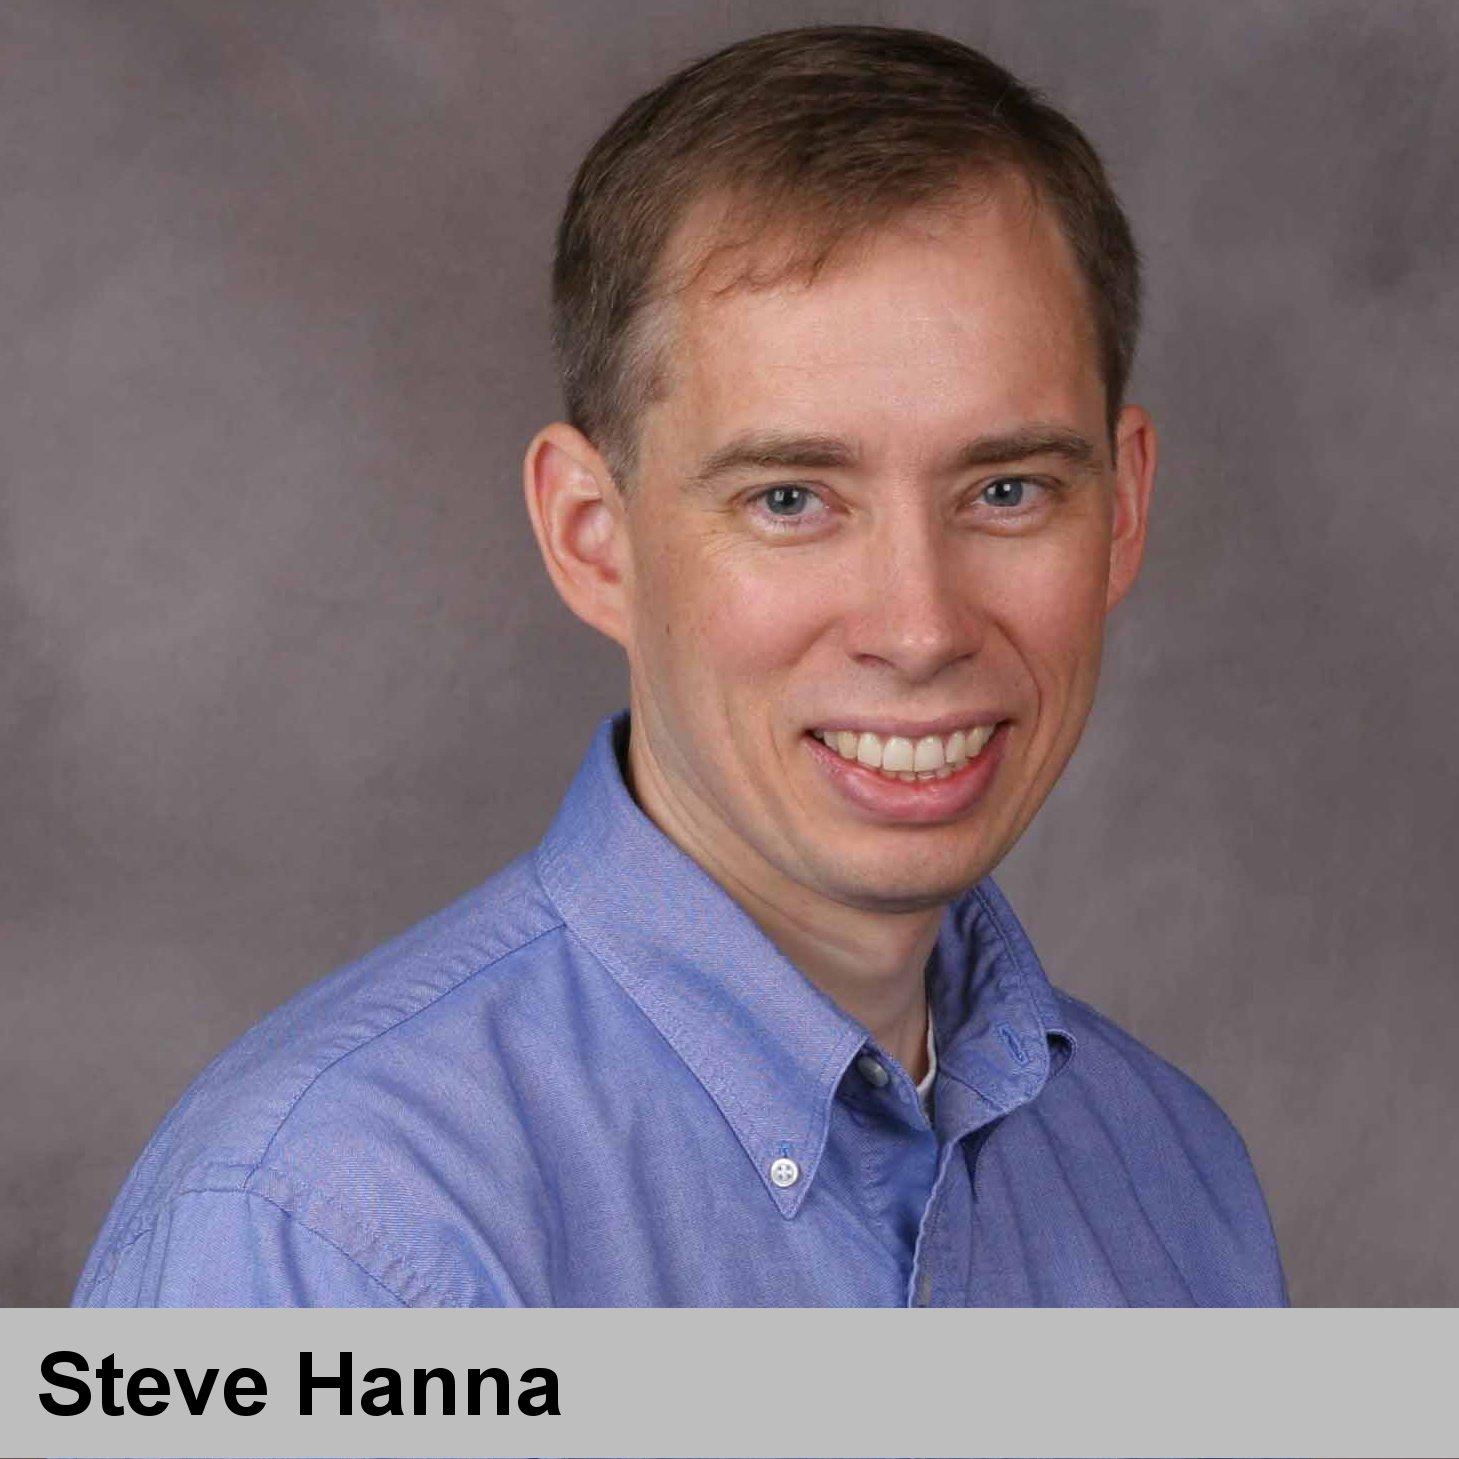 Photo of Steve Hanna